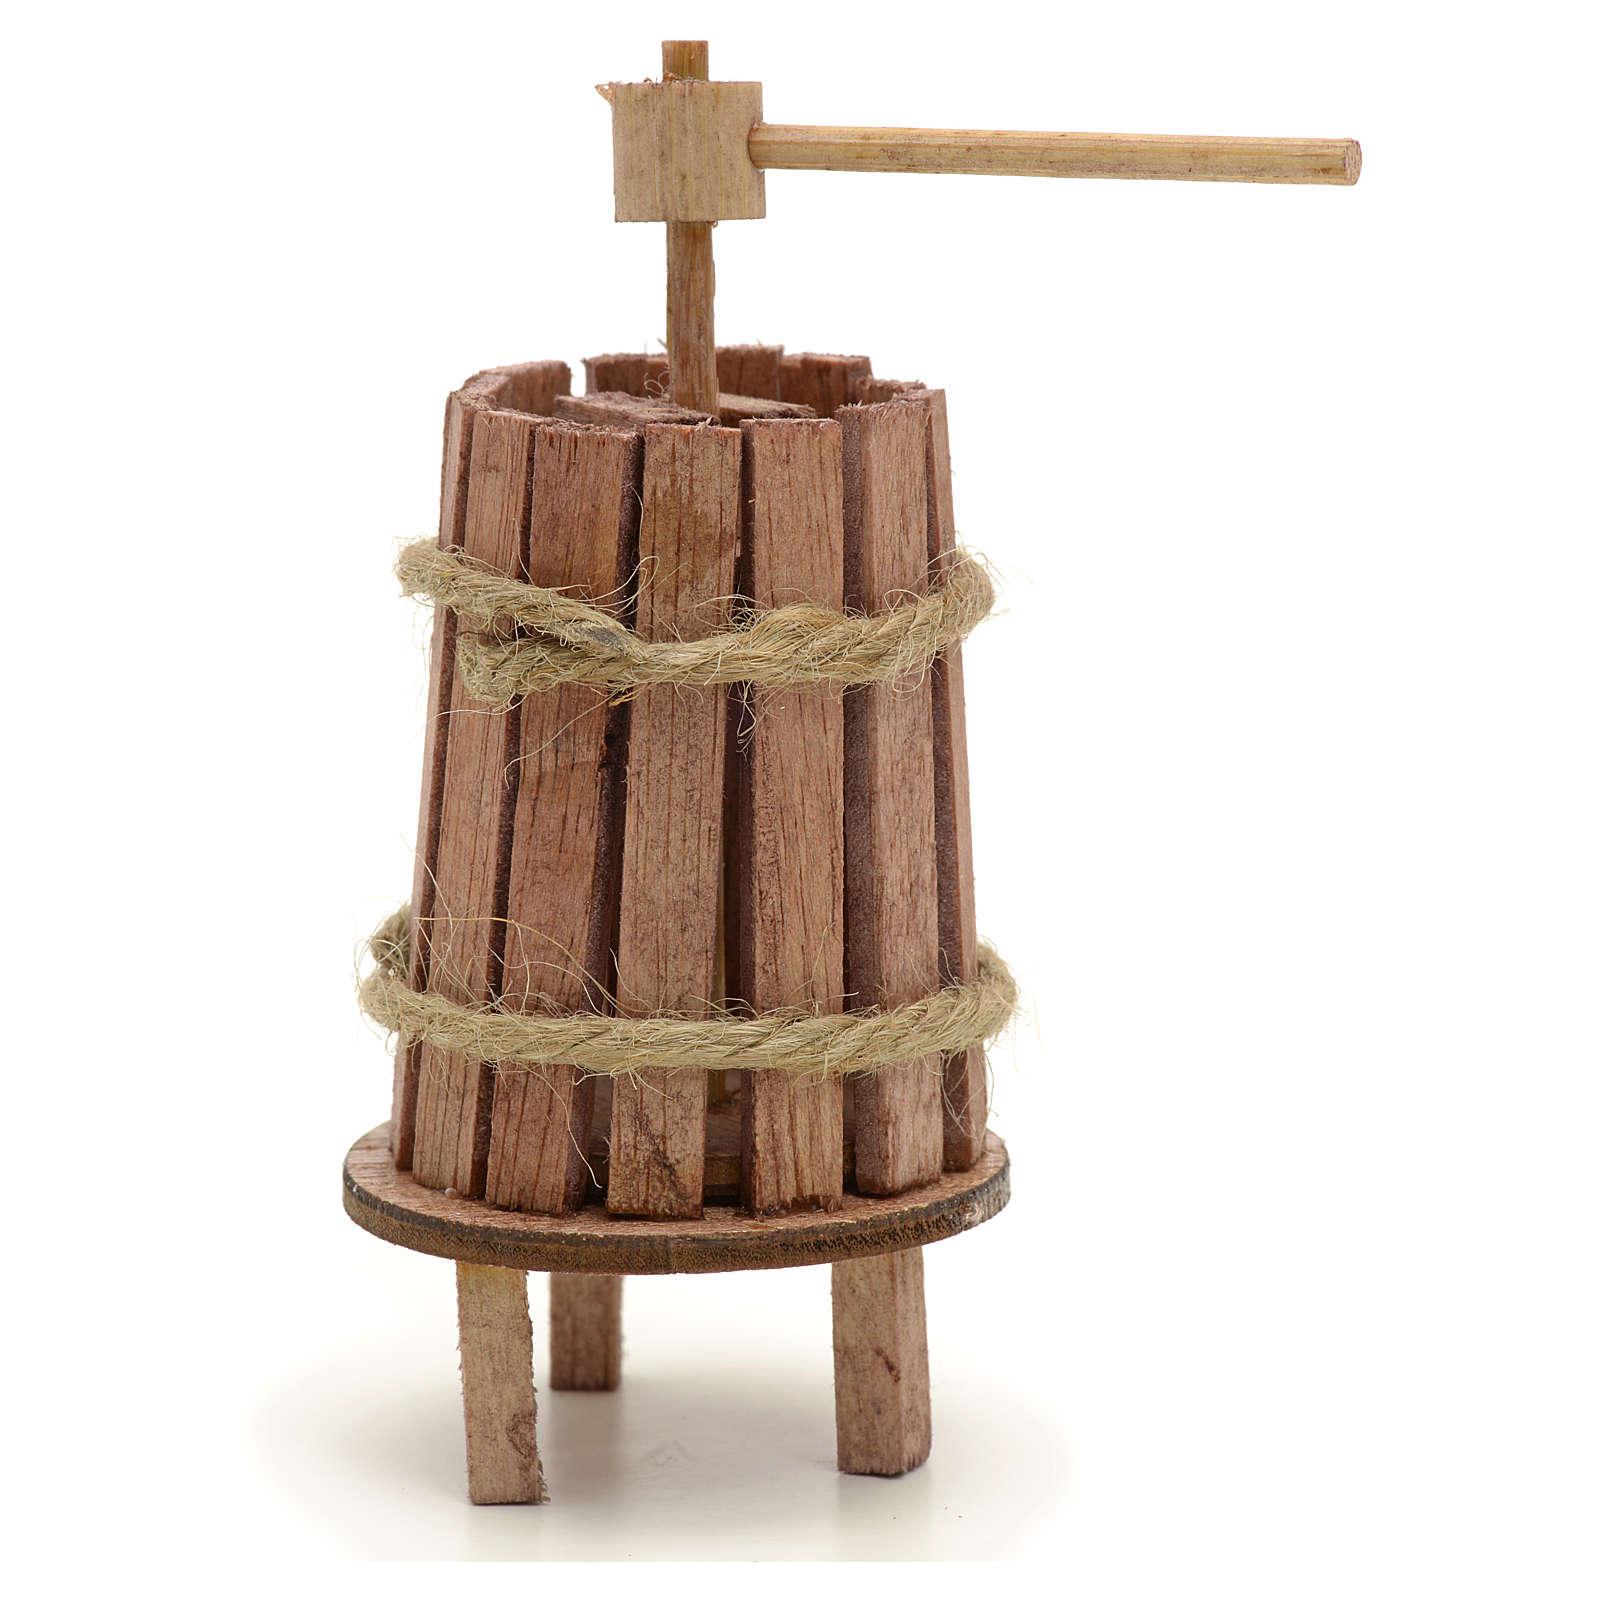 Prensa madera 4 cm pesebre hecho por ti 4